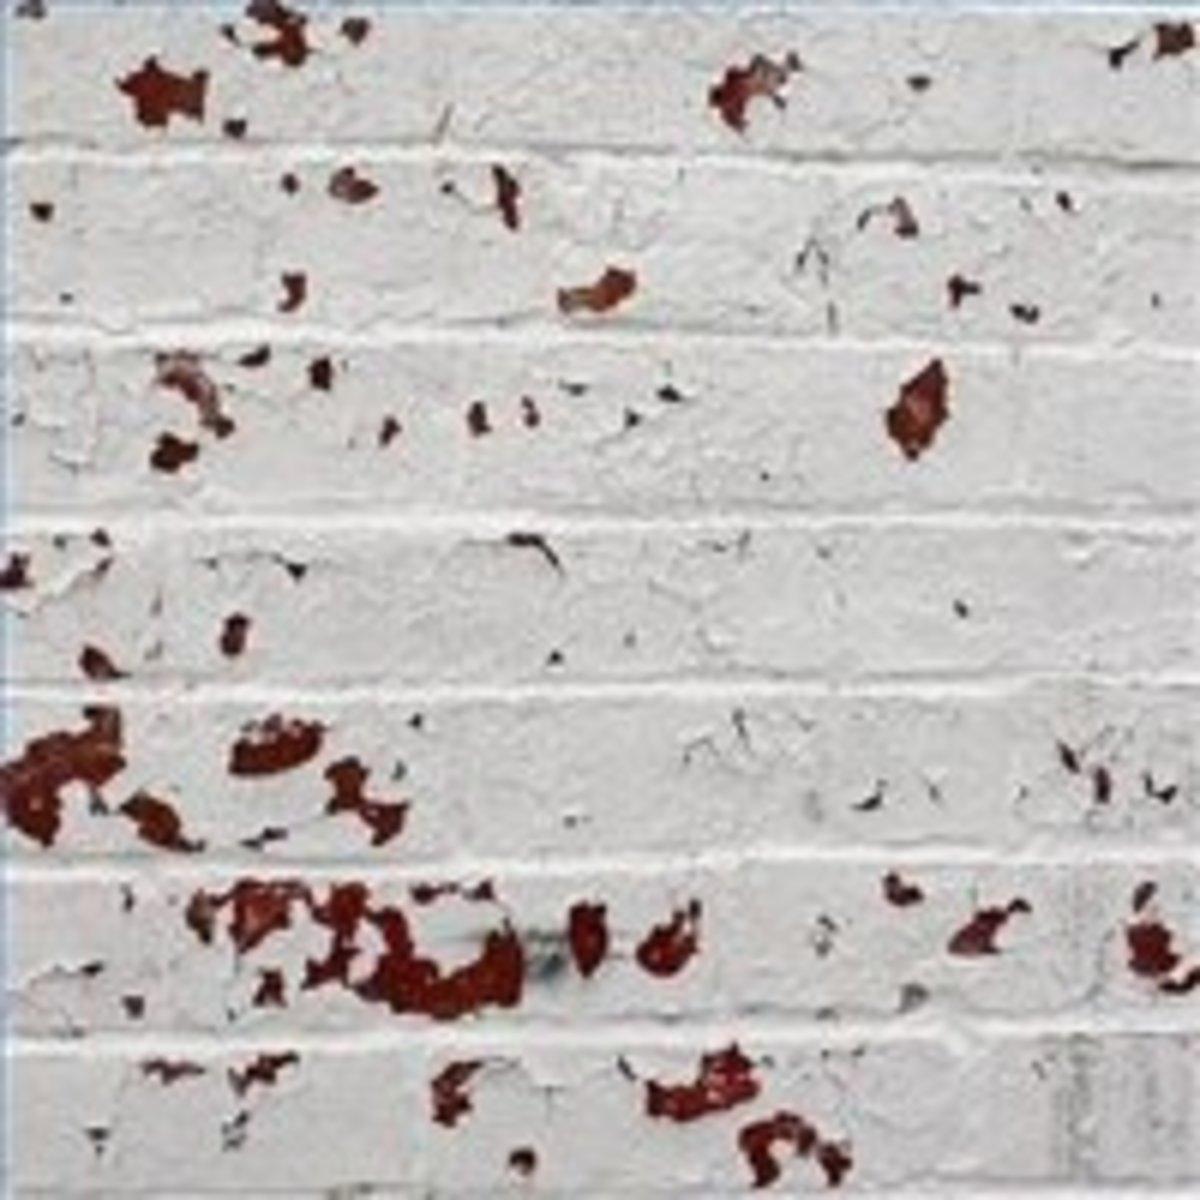 Peeling paint on improperly prepared bricks... avoid this!